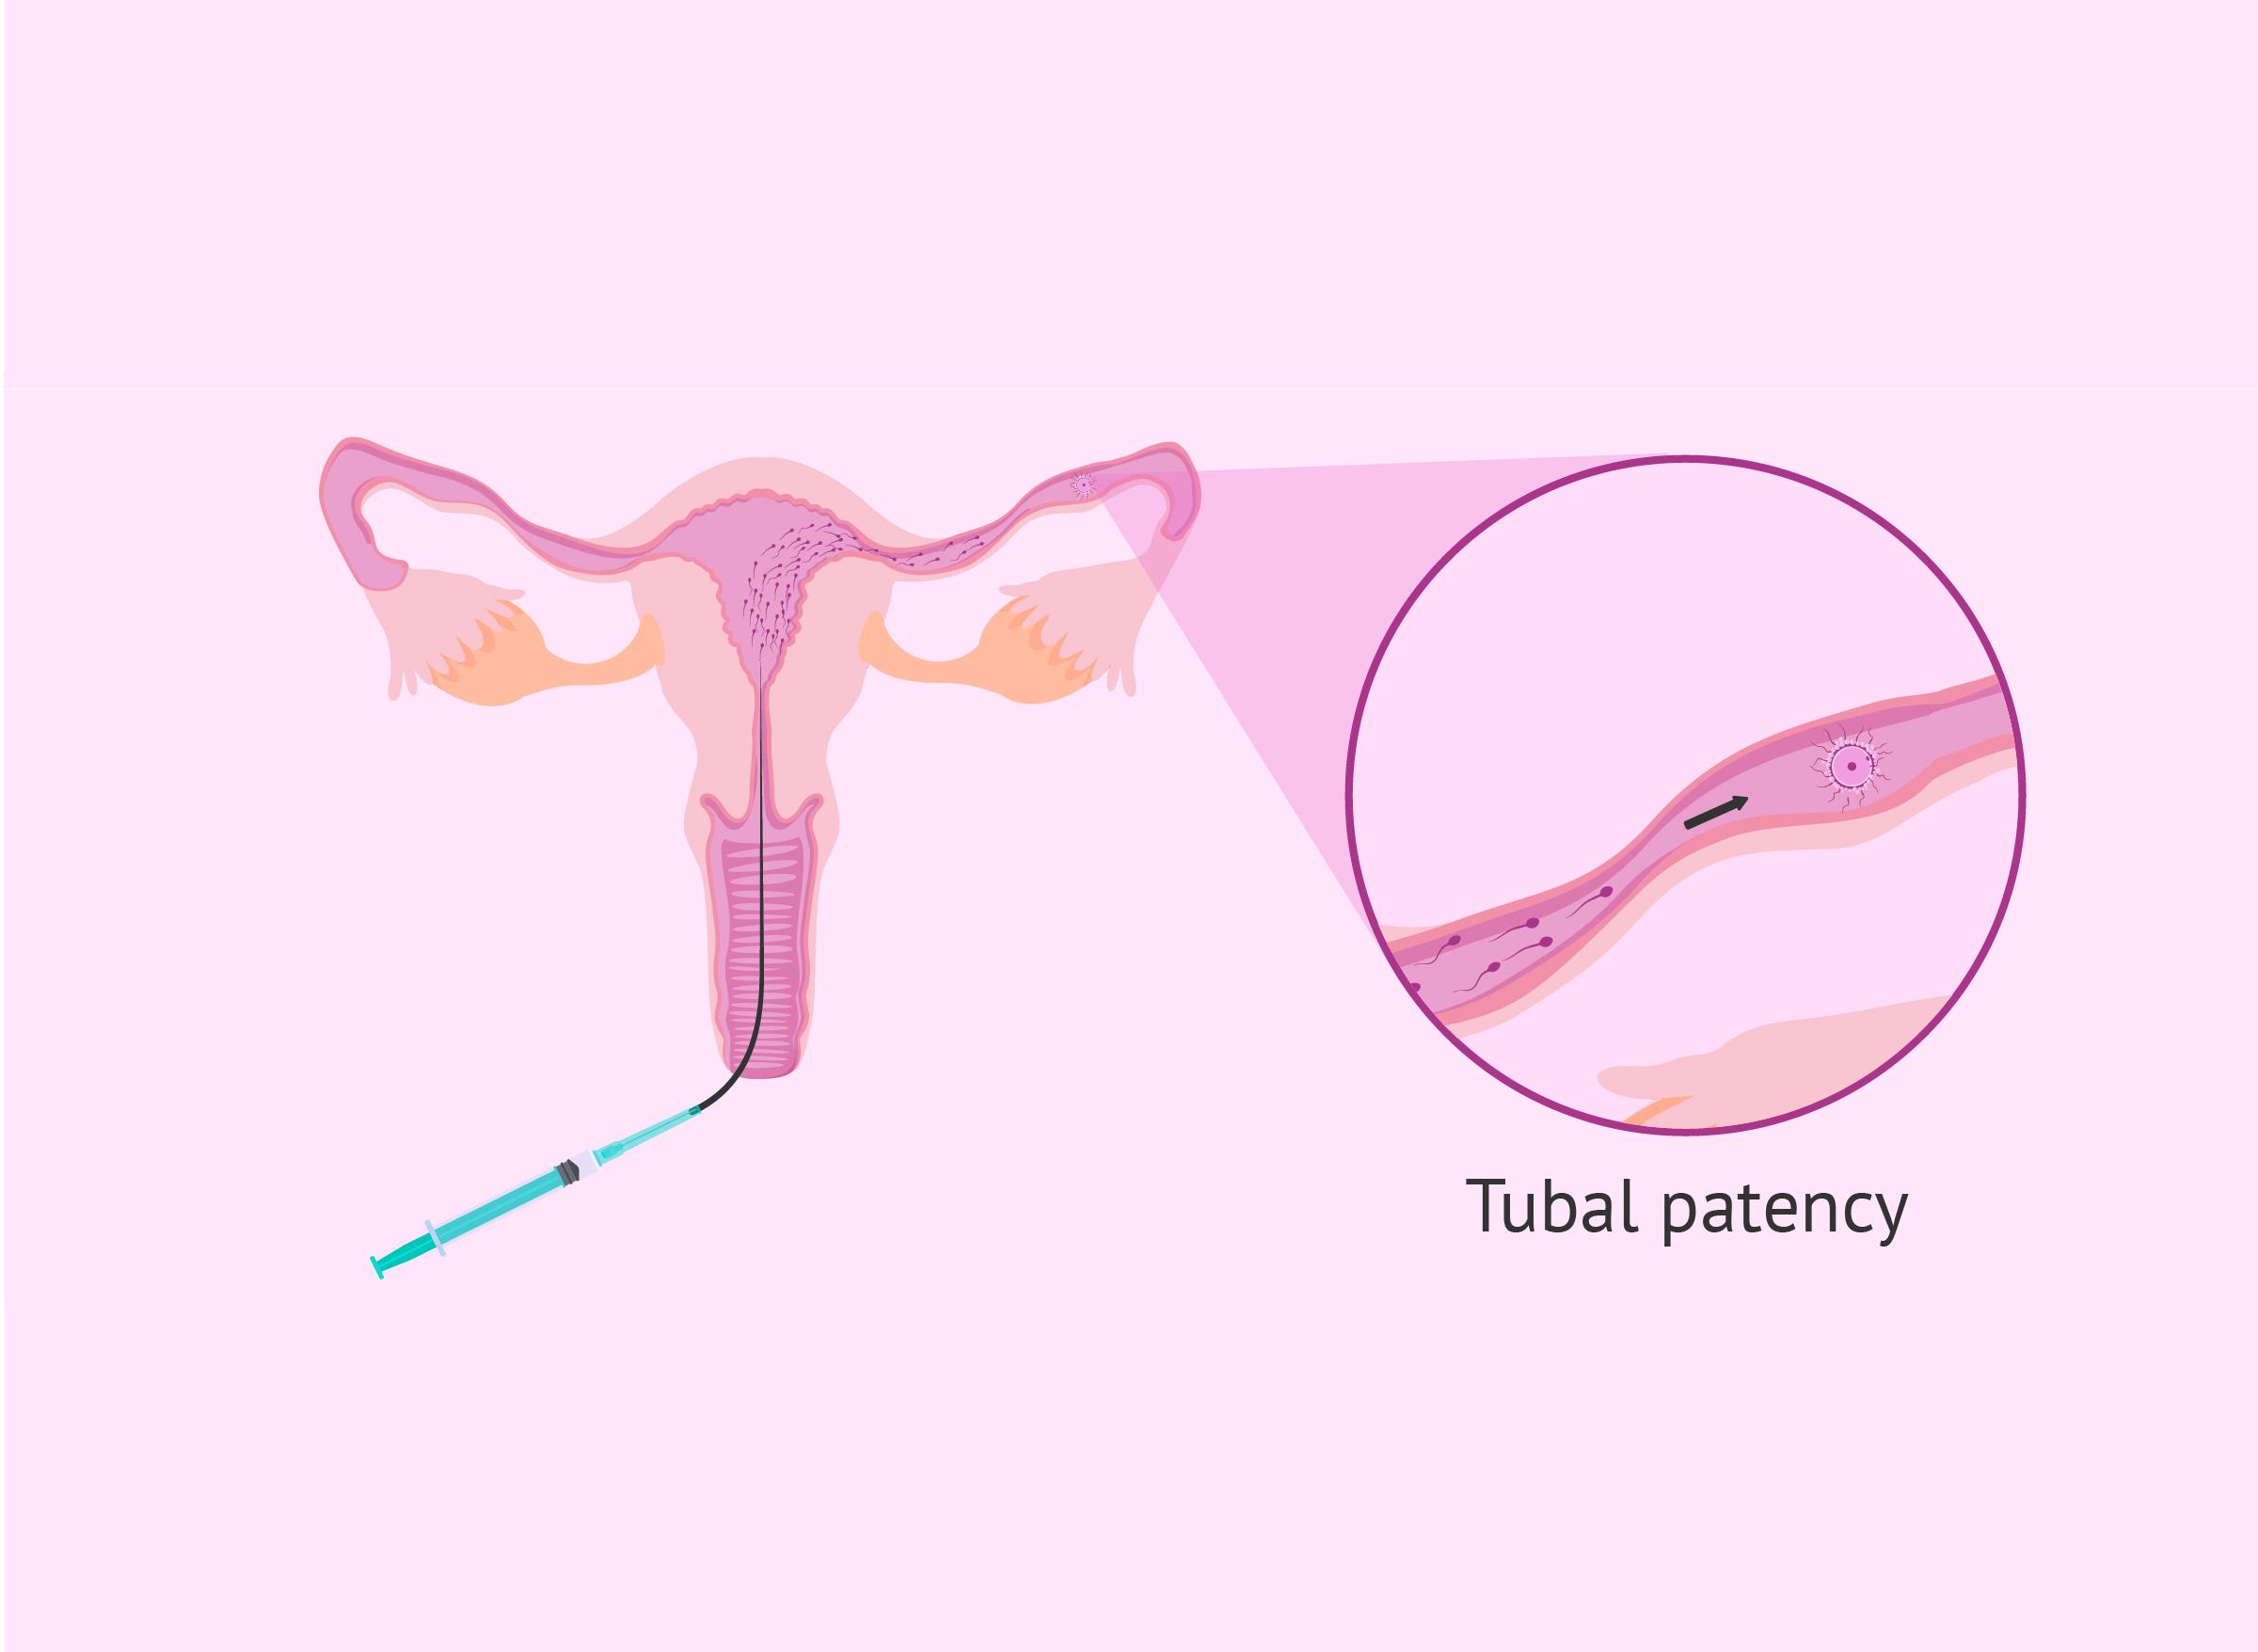 egg-fertilization-in-fallopian-tube Tubal patency